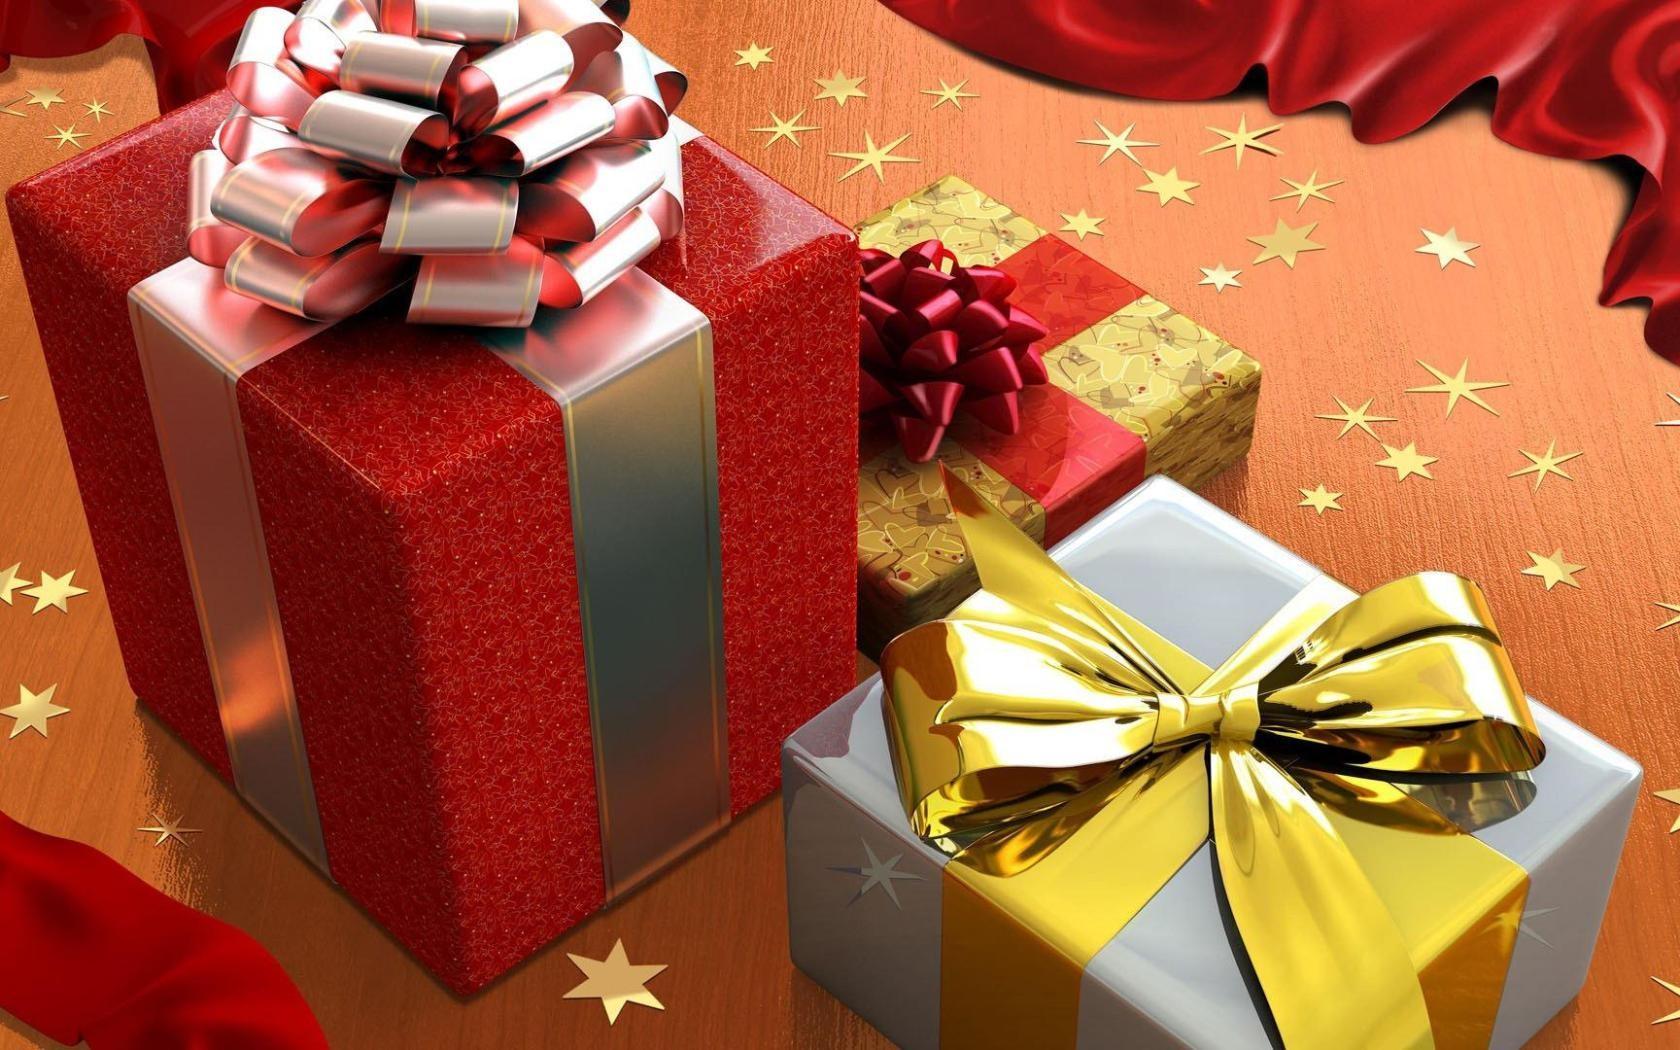 Como decorar las cajas de regalos - 1680x1050